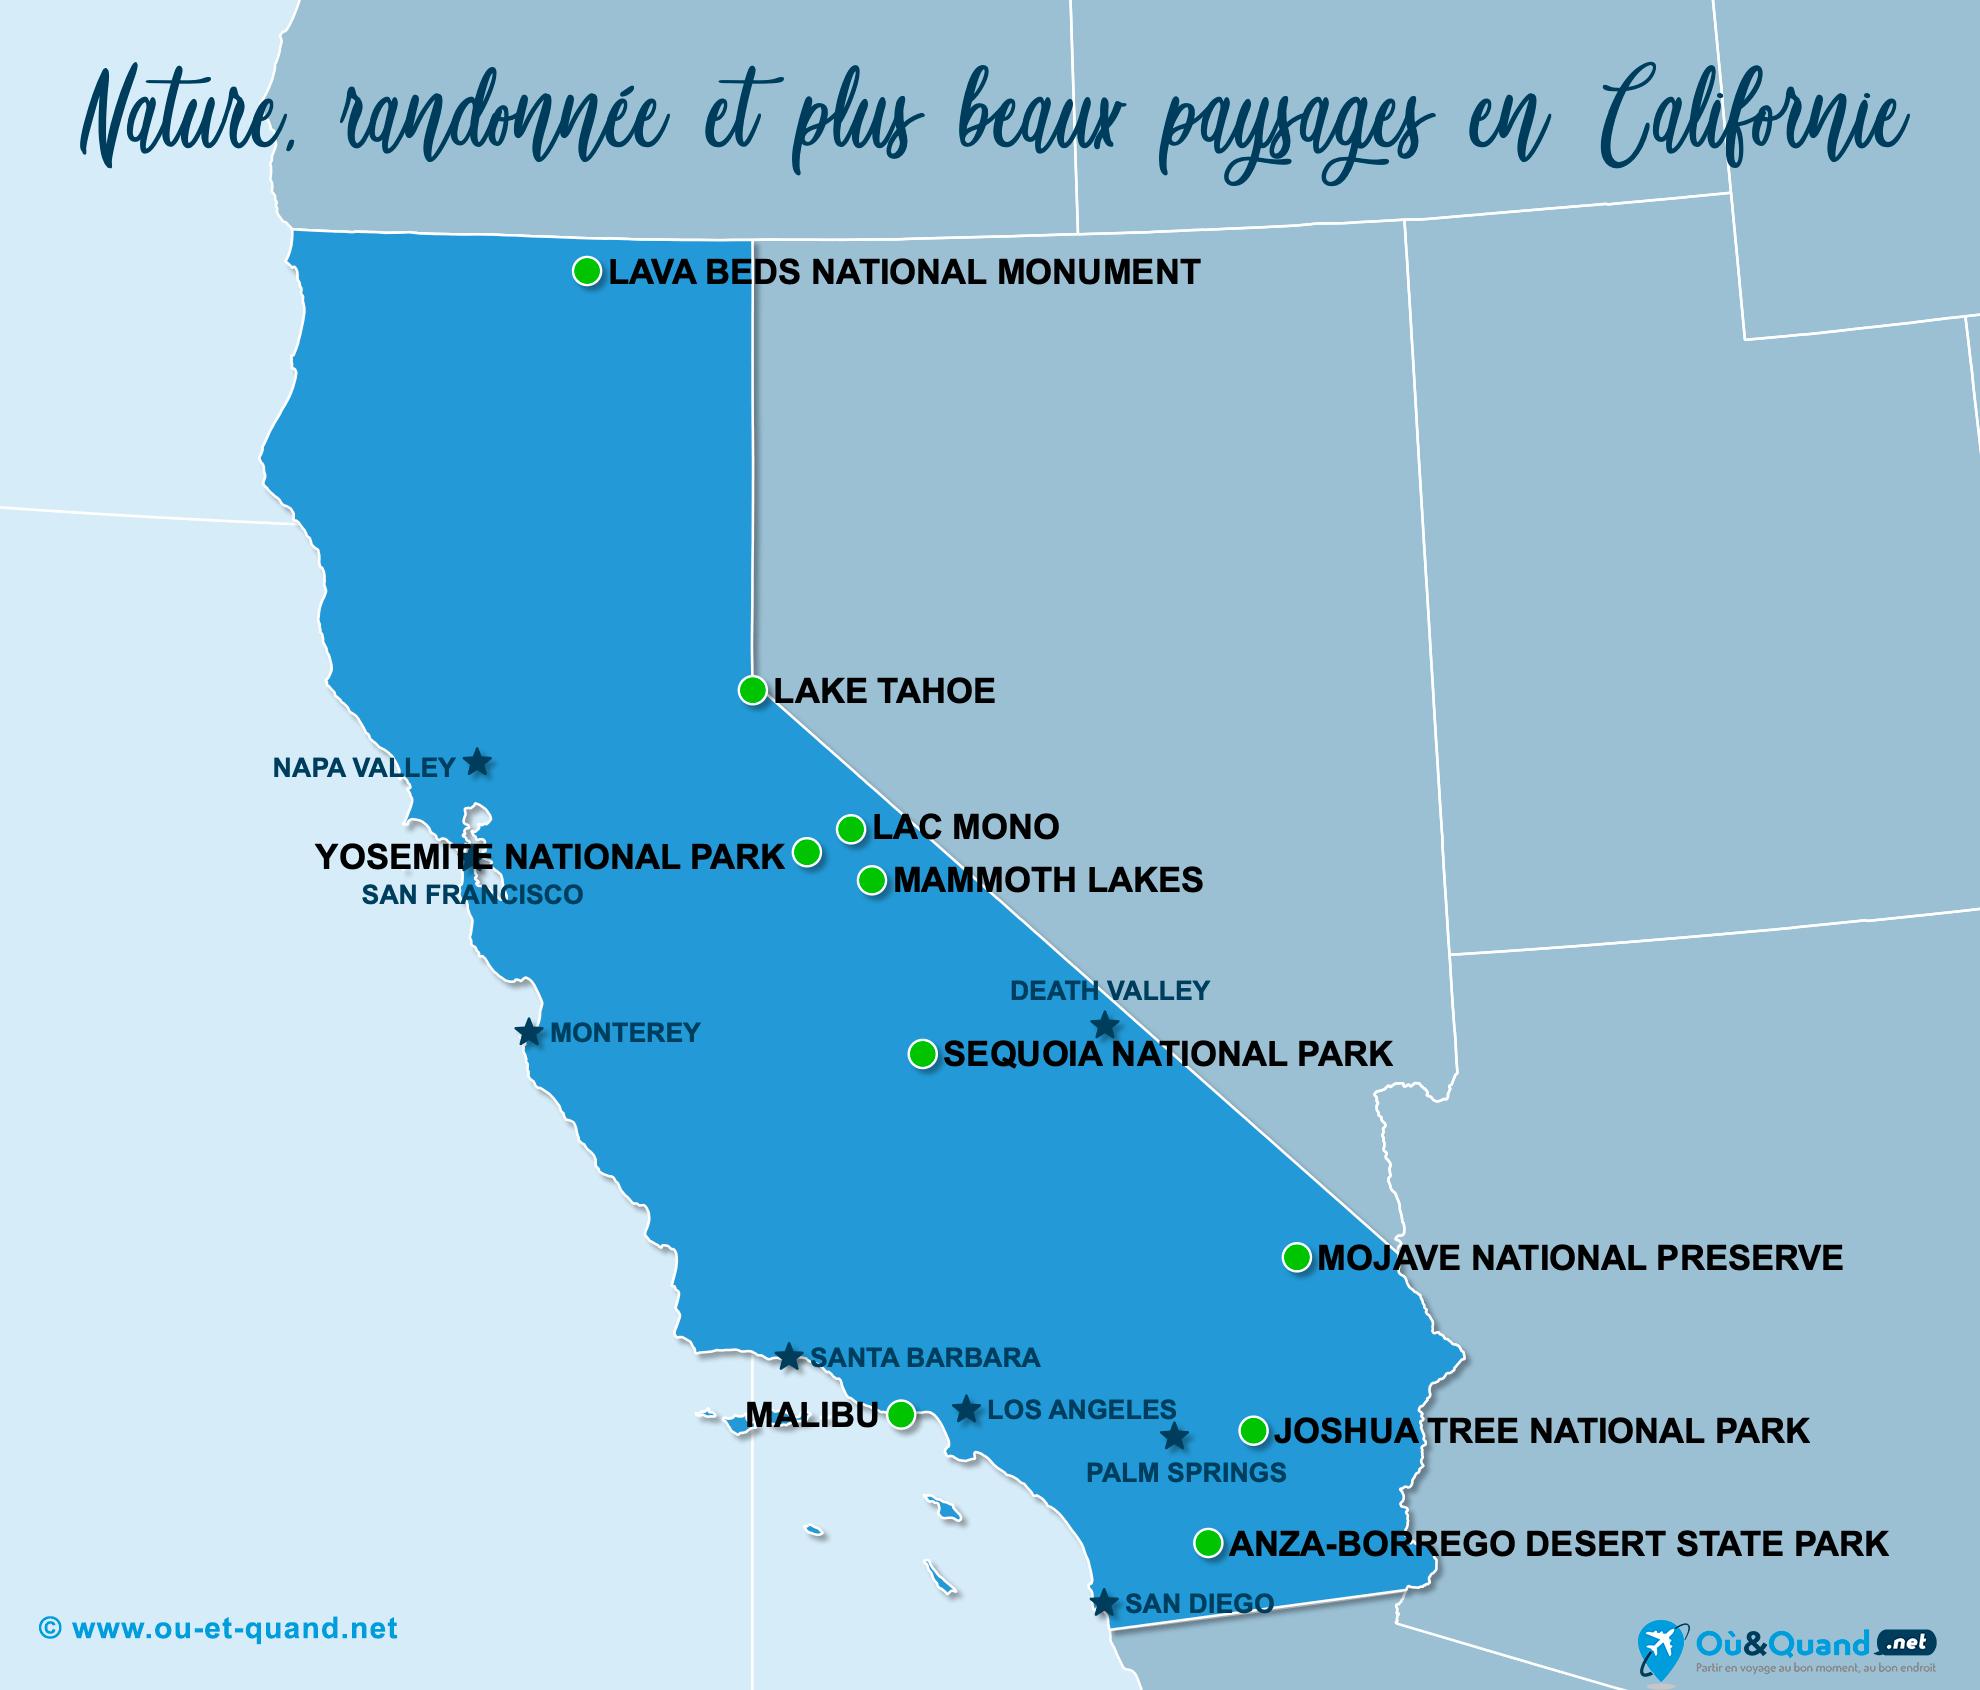 Carte Californie : Les plus beaux paysages de la Californie